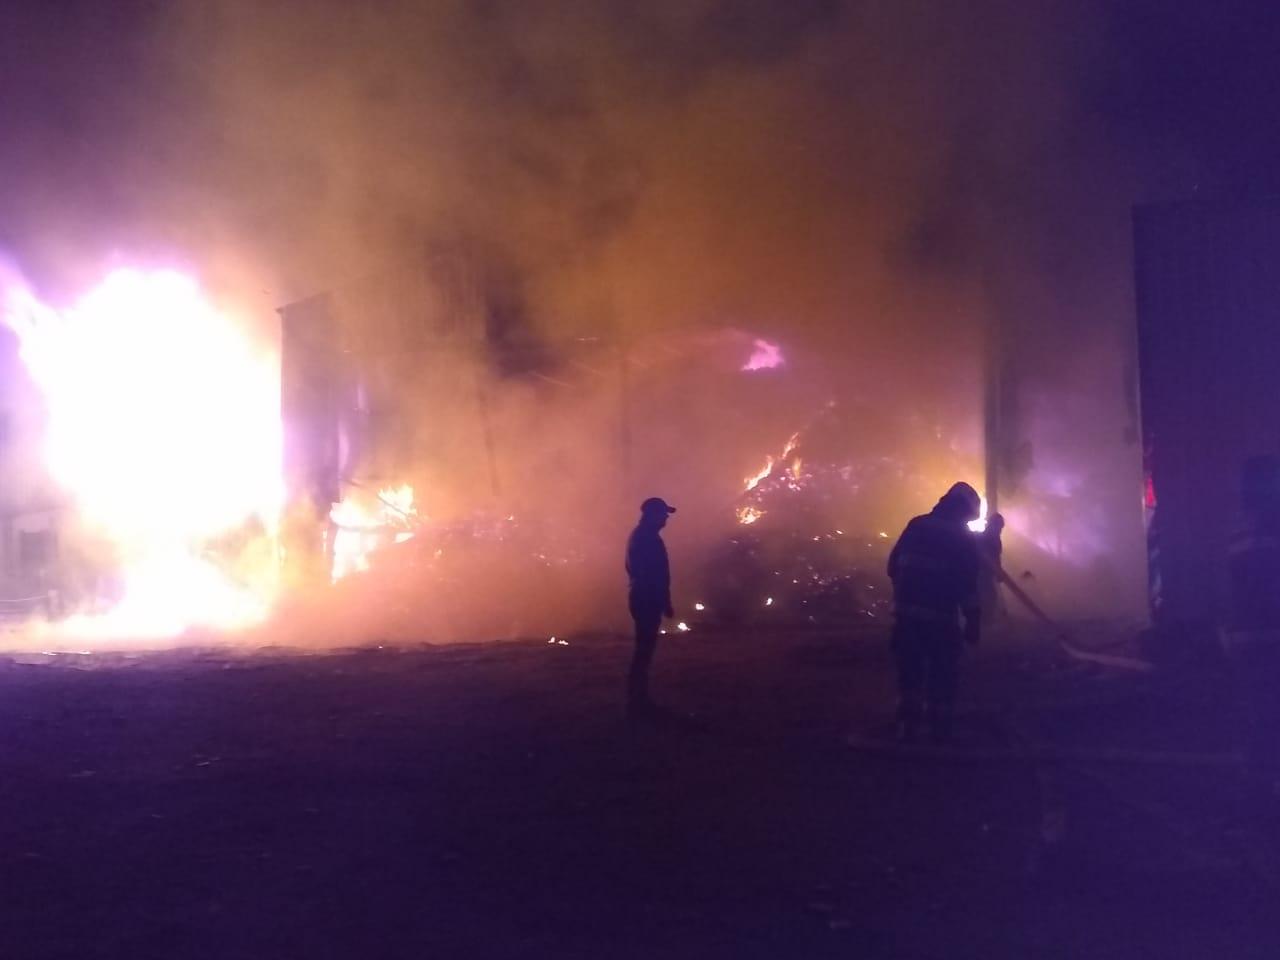 Incendio afecta a Aserradero Peñiwen en Los Ángeles